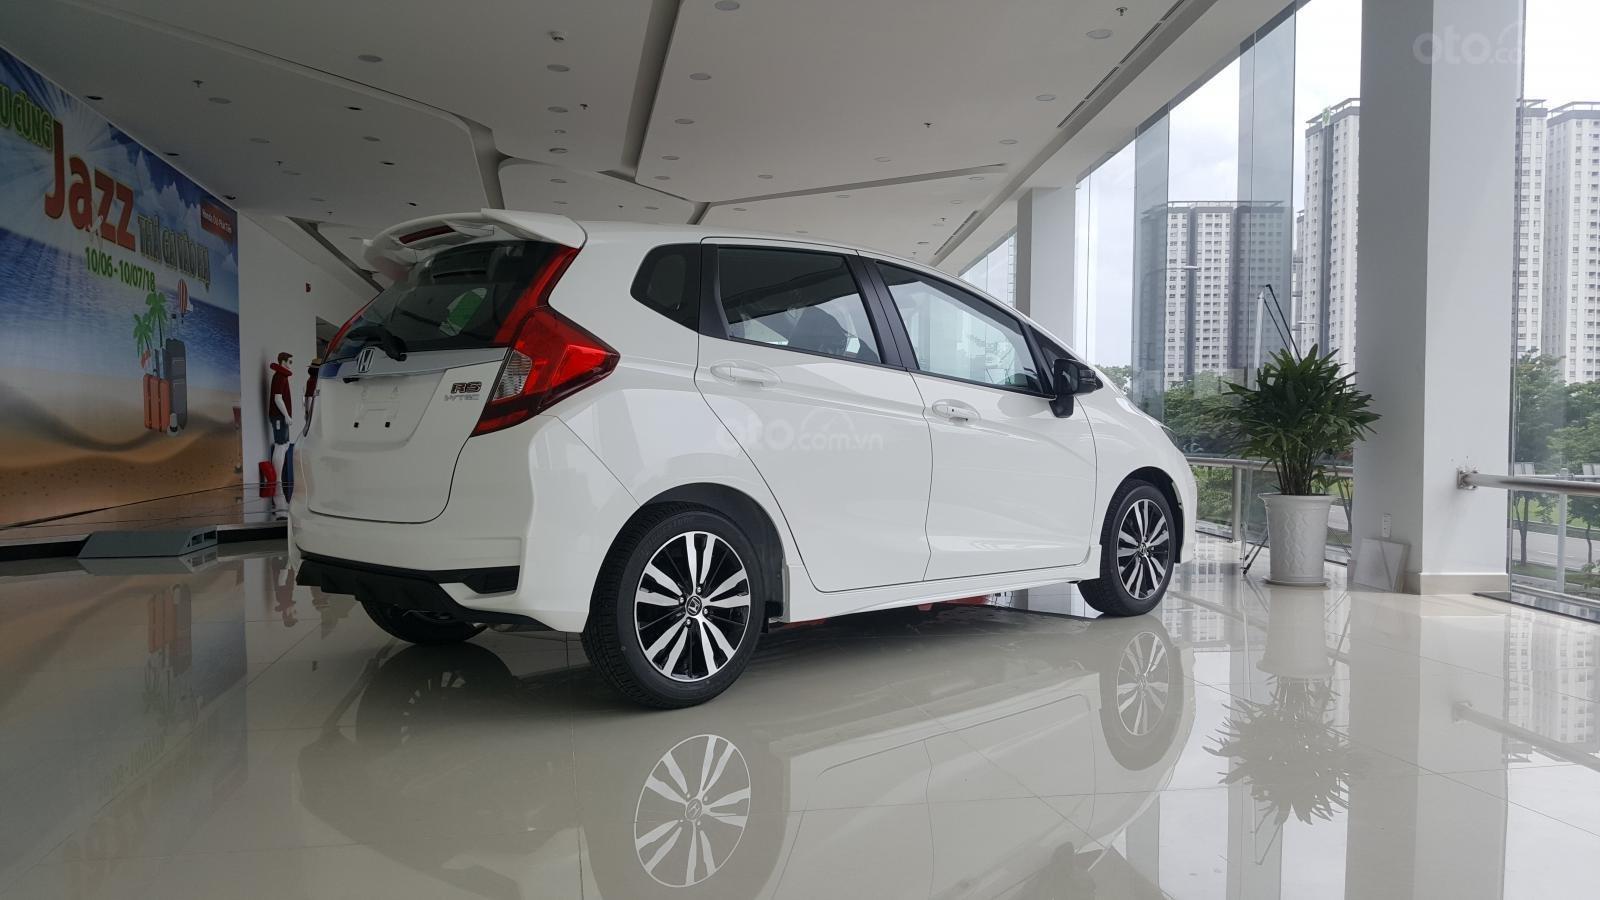 [SG] Bán Honda Jazz, màu trắng - Nhập Thái Lan - Tặng hơn 100 triệu - xin LH: 0901.898.383-4